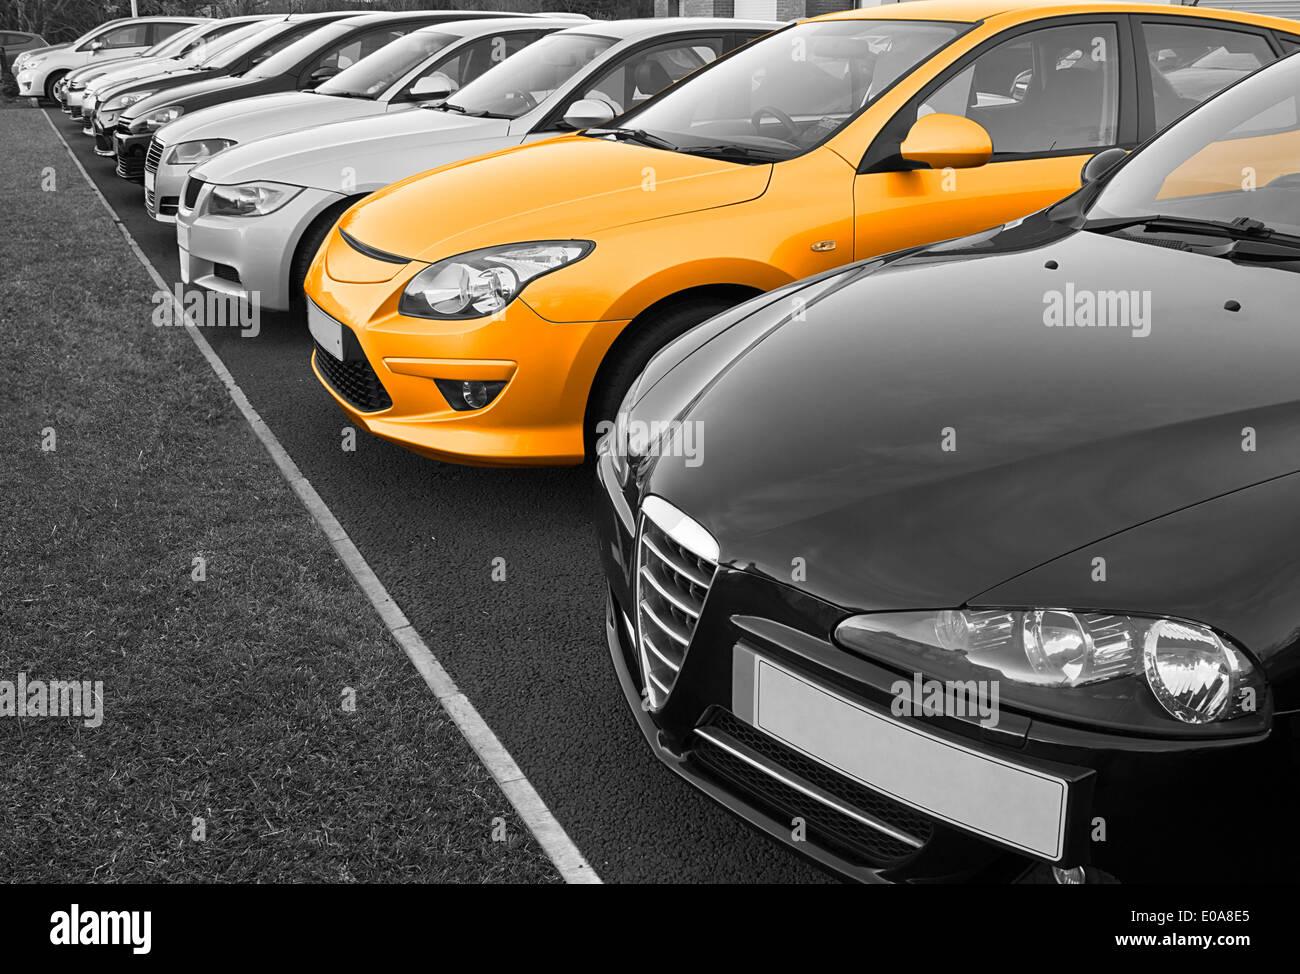 Reihe von Gebrauchtwagen zum Verkauf in Reihe mit einem in Farbe, tolles Konzept für die Wahl des perfekten Stockbild